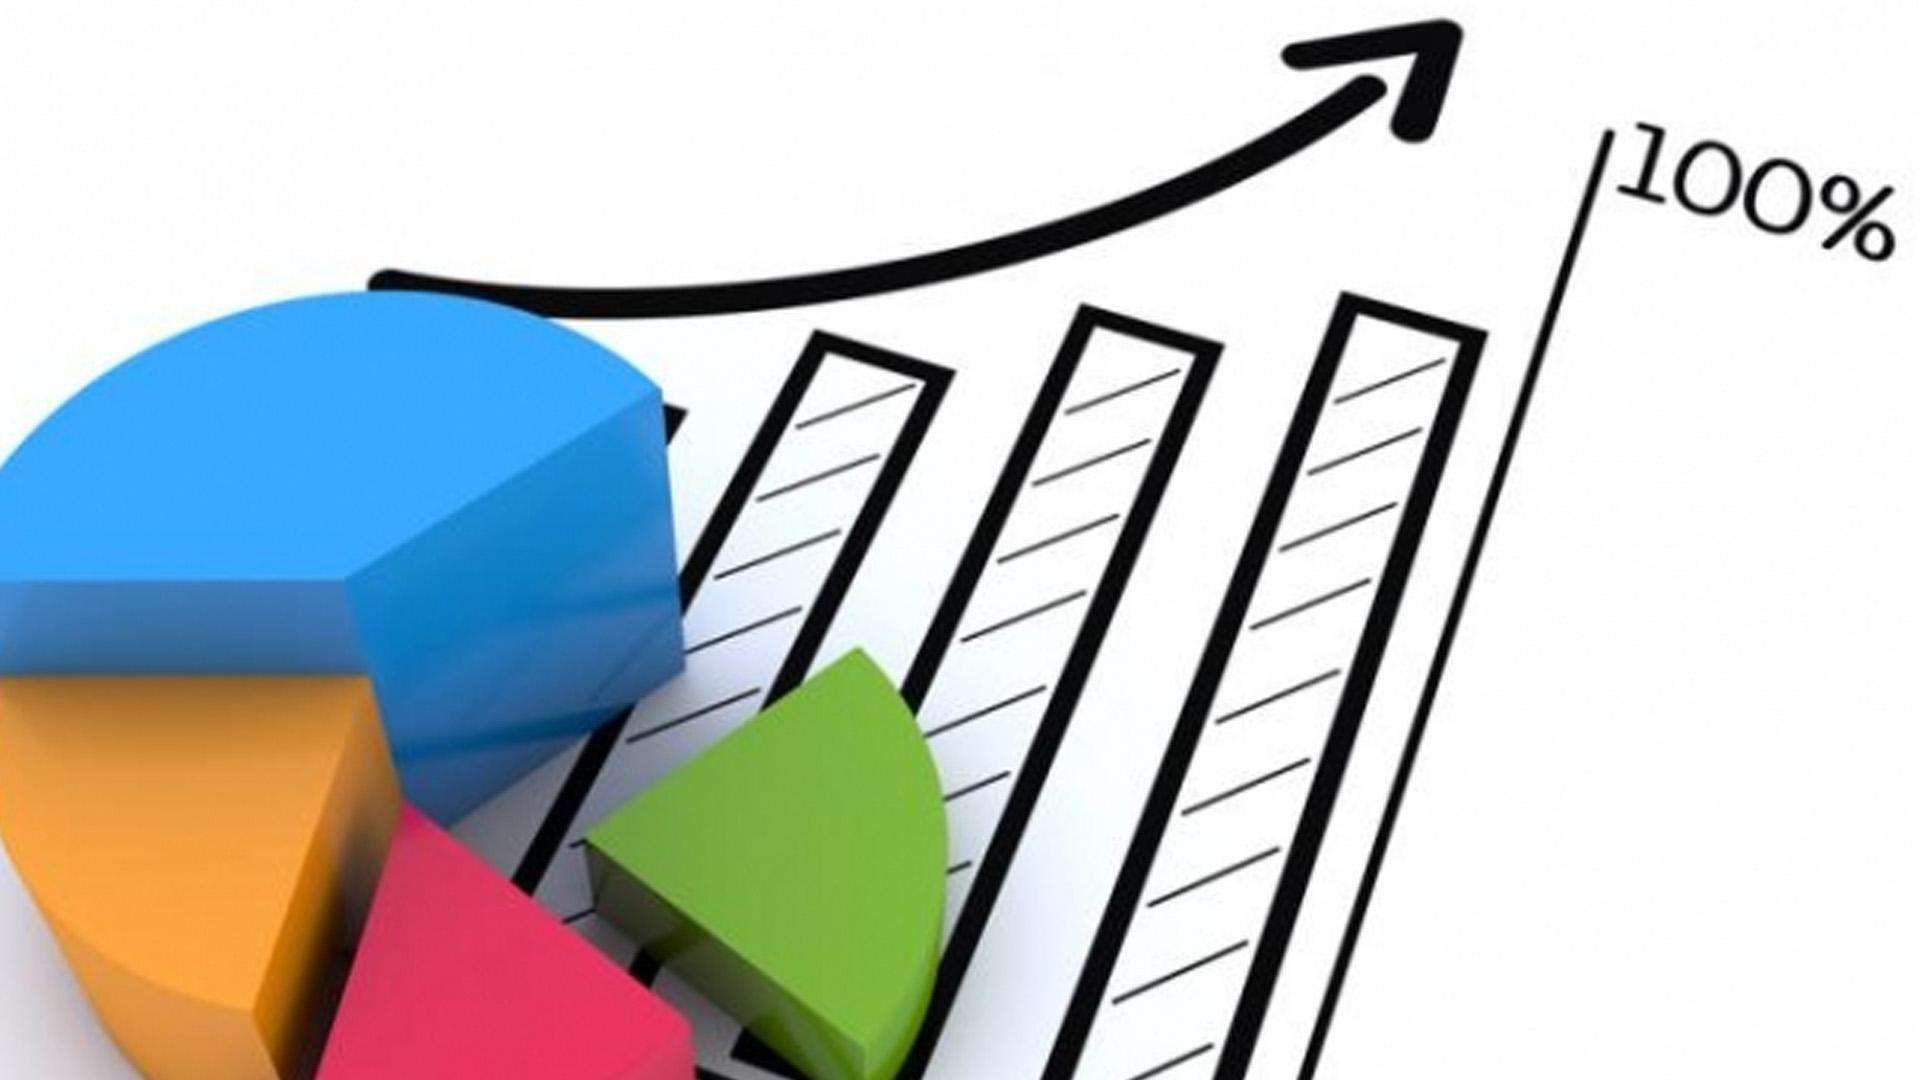 Текучесть персонала: виды, расчет и формула || Формула ежегодной текучести персонала